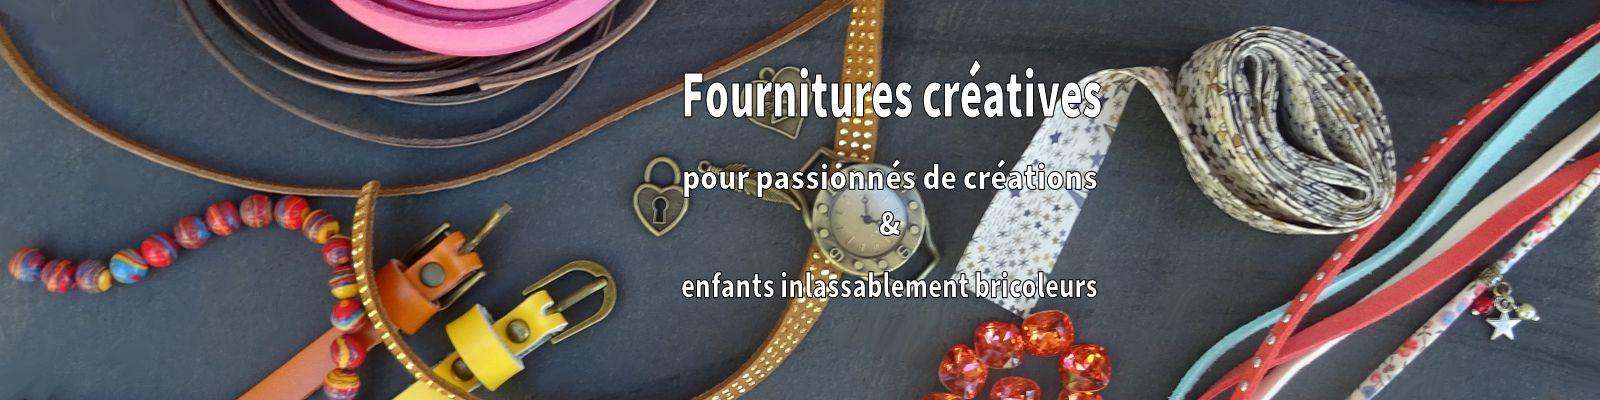 Fournitures créatives pour passionnés de création & enfants bricoleurs